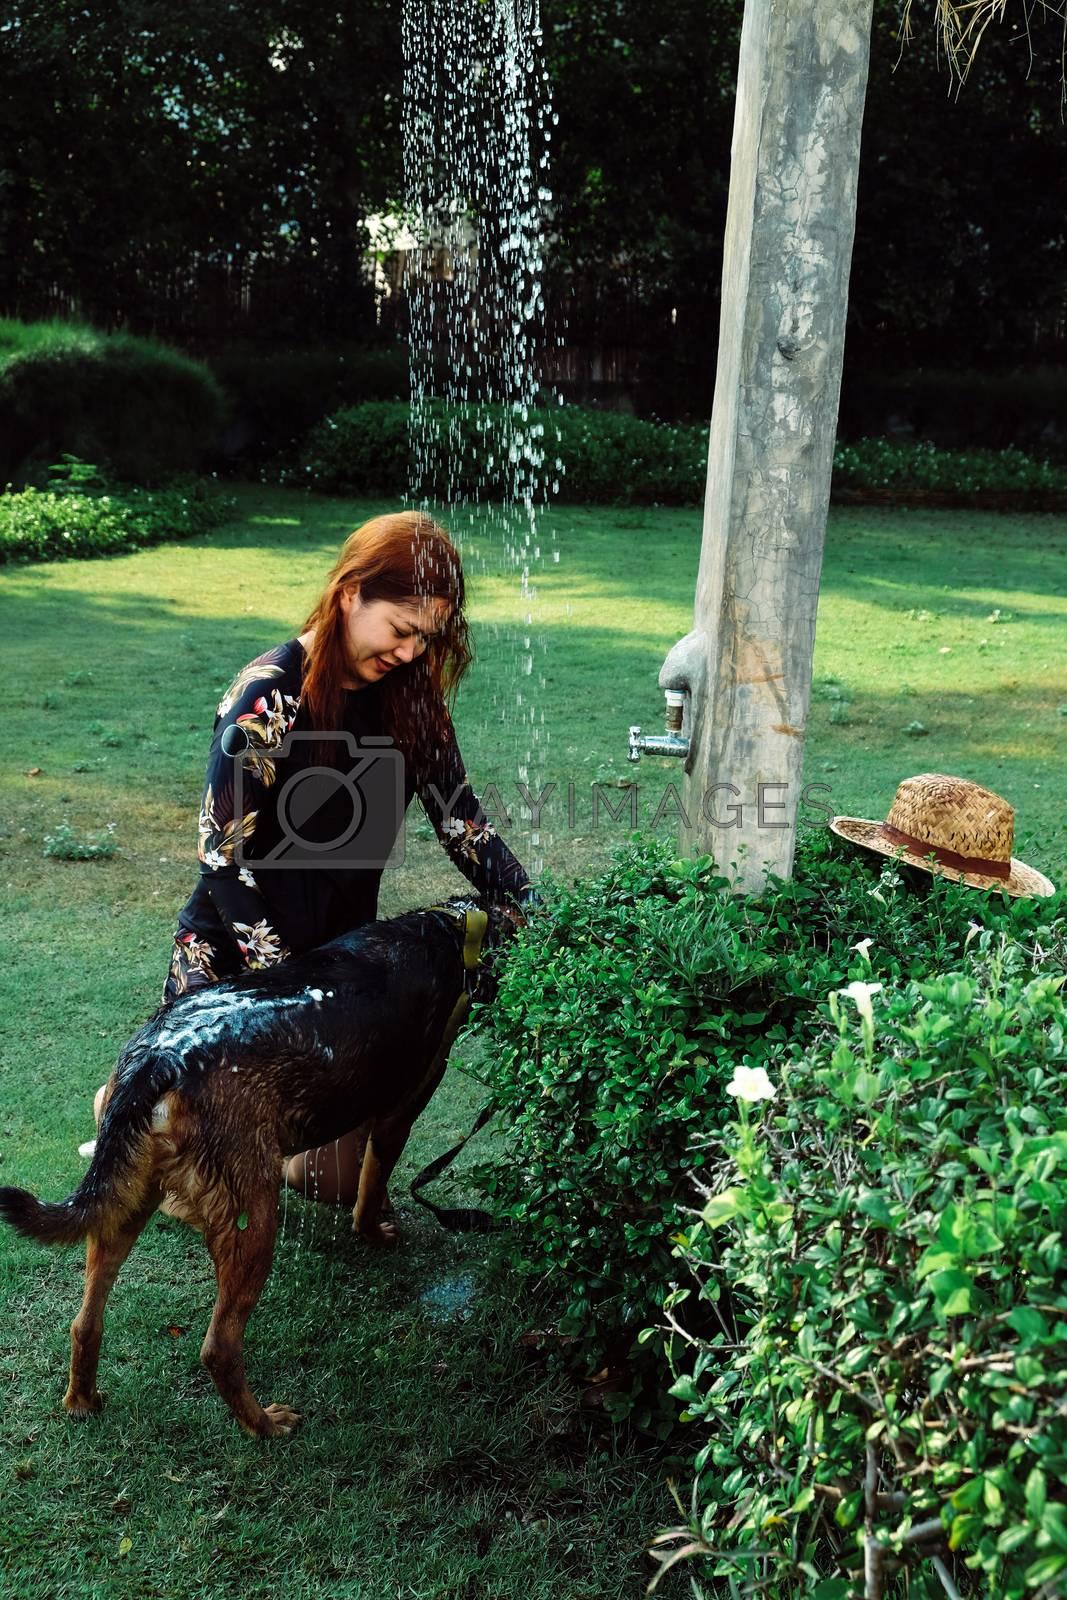 Asian woman washing her pet dog